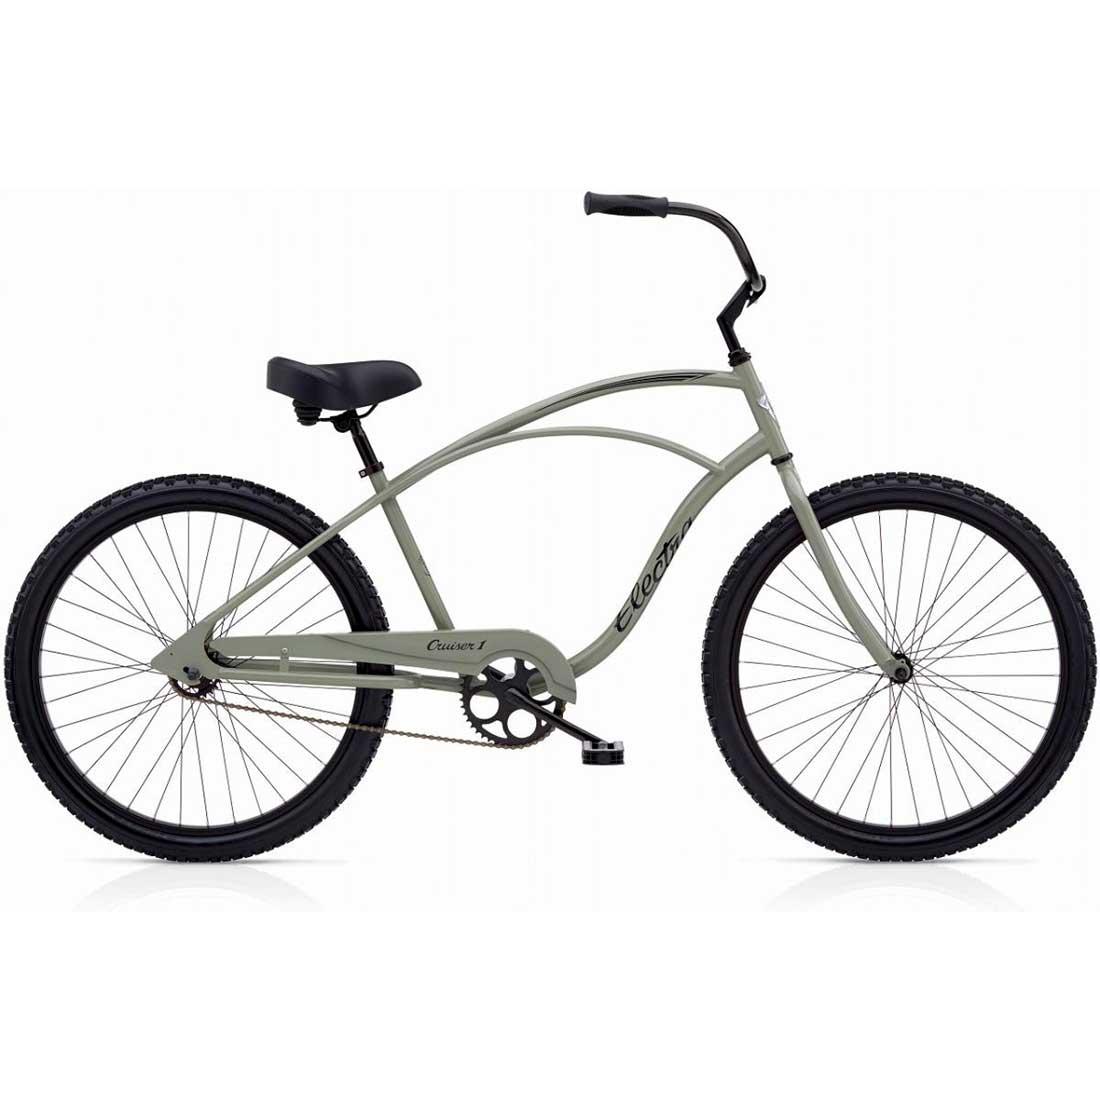 ビーチクルーザー 26インチ おしゃれ 自転車 通勤 通学 エレクトラ CRUISER-1 パティ メンズ レディース